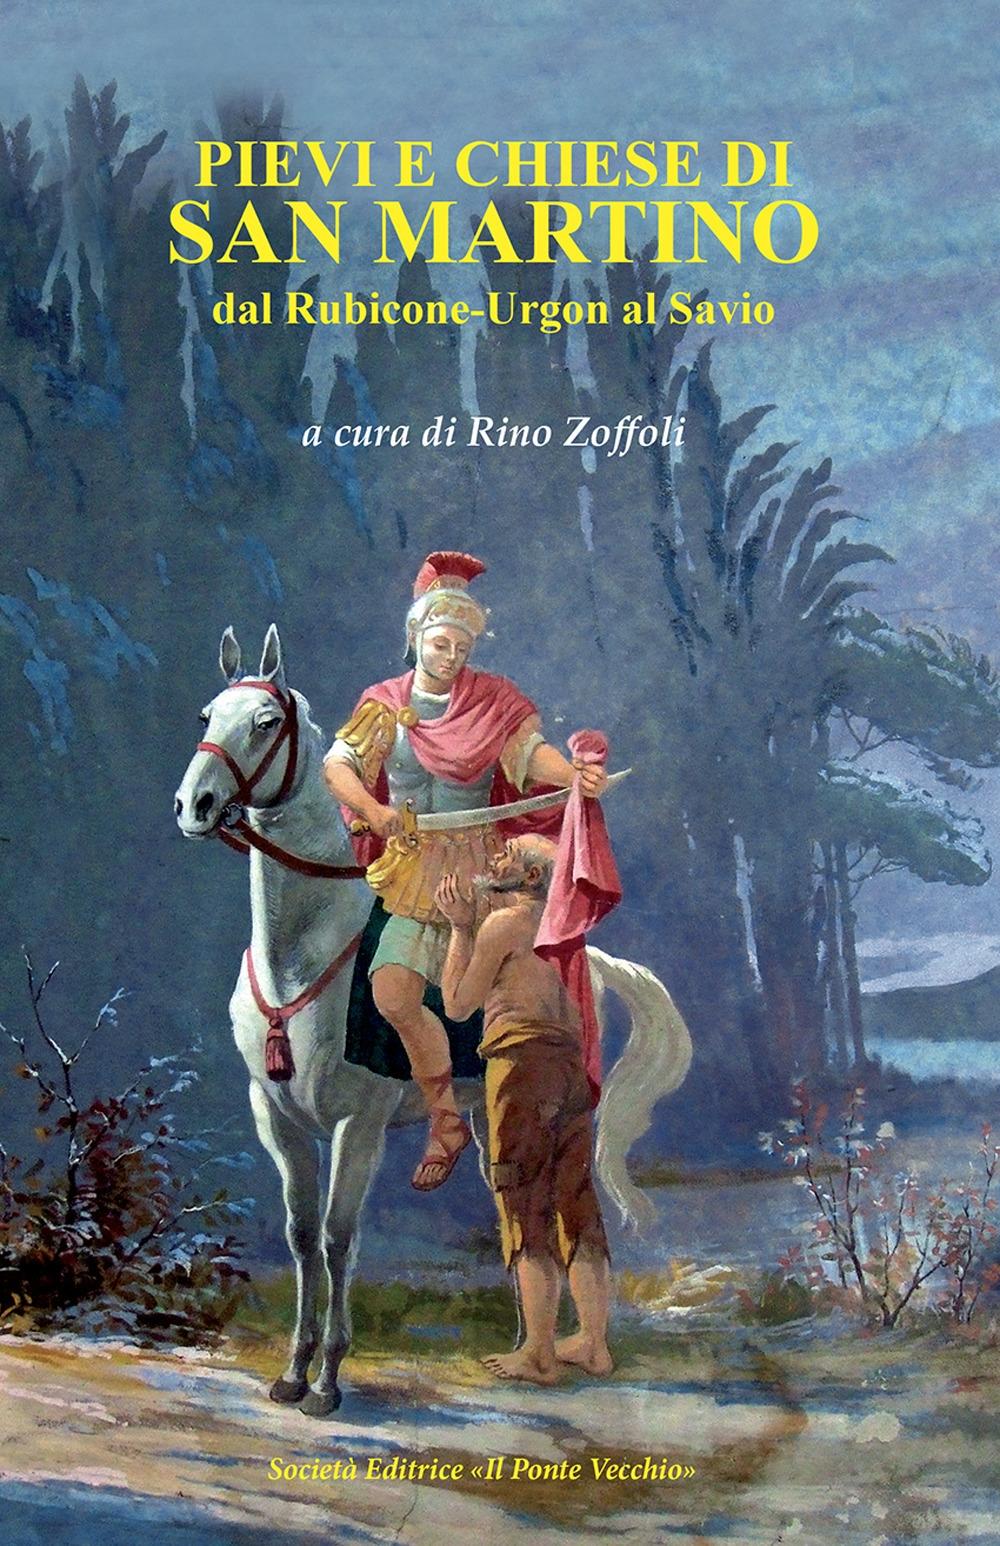 Pievi e Chiese di San Martino. Dal Rubicone-Urgon al Savio